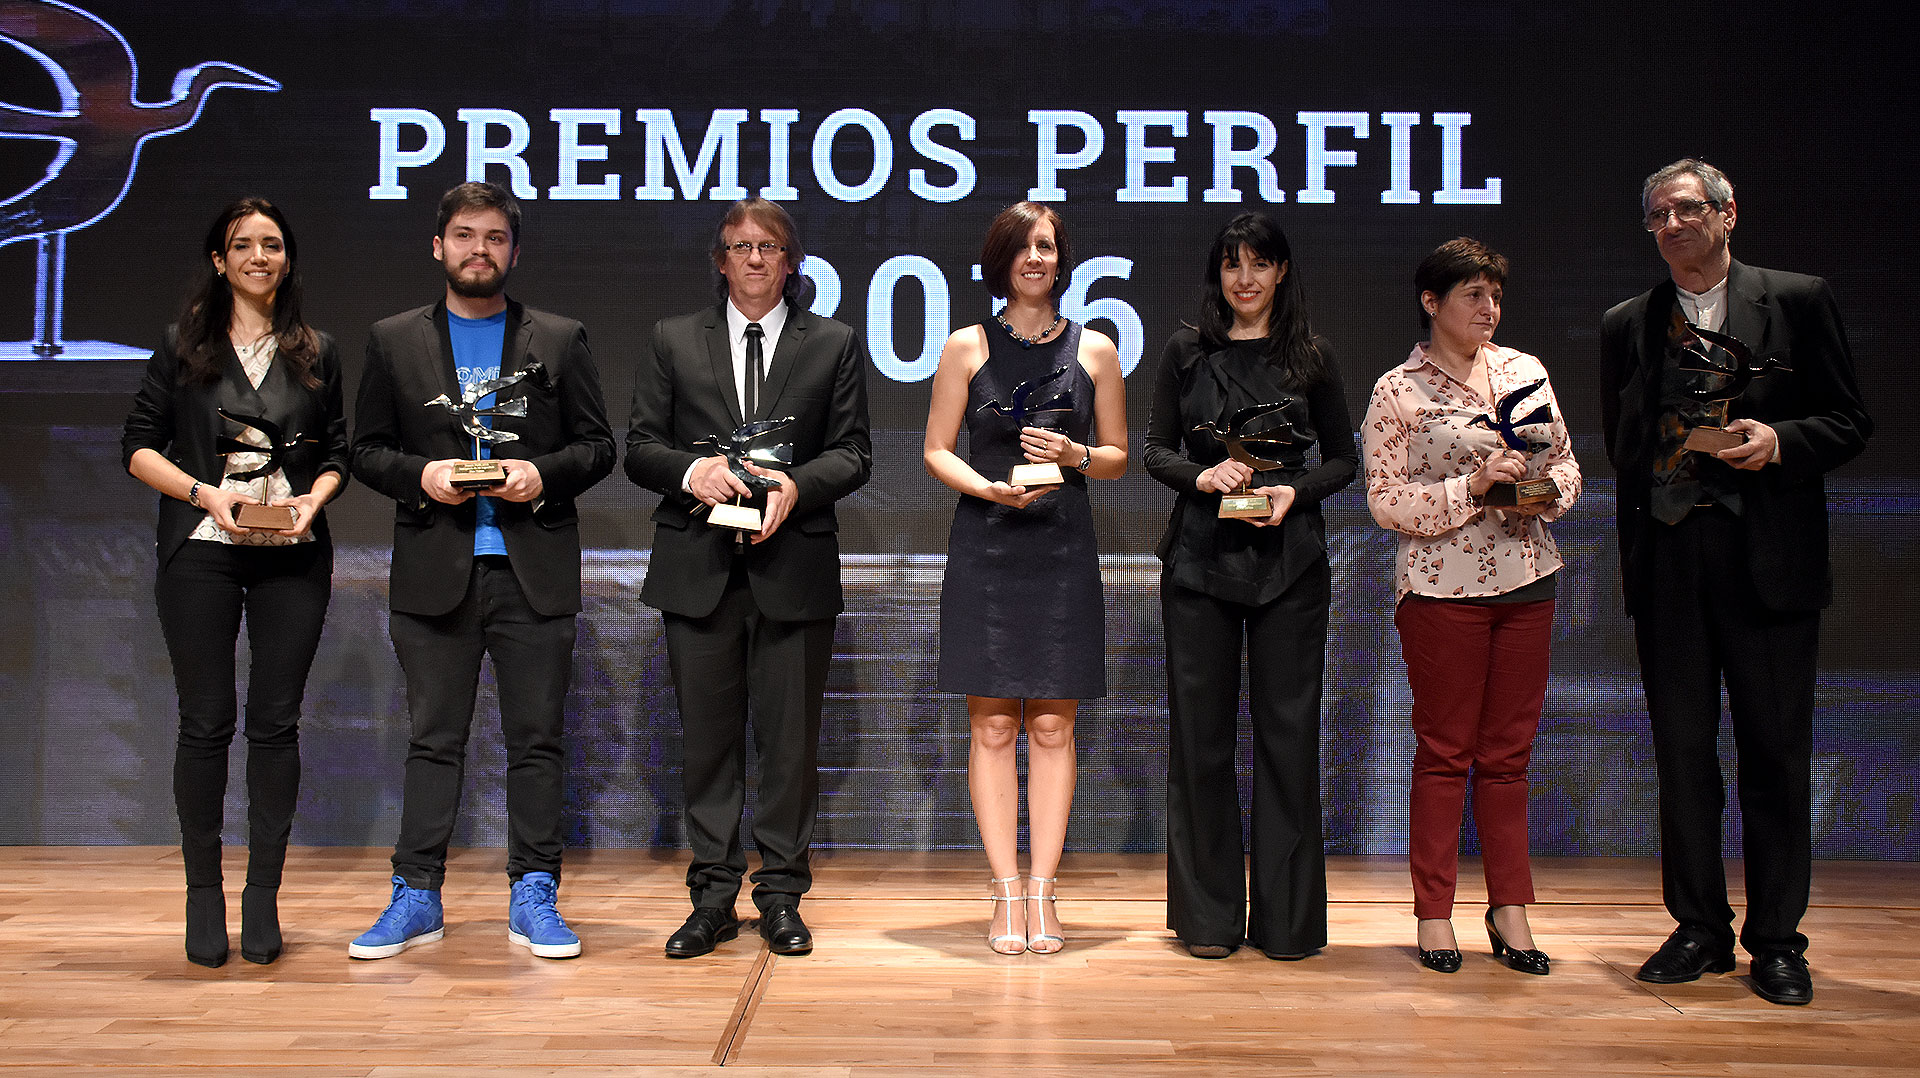 Los ganadores de los premios Perfil: Sabina Zaffora (Responsabilidad Social), Gino Tubaro (Bien Común), Daniel Enz (Libertad de expresión nacional), Marina Walker Guevara (Libertad de expresión internacional), Mercado Libre (Inteligencia digital), Gladys Cabezas (Premio especial) y Juan Falú (Humanidades).